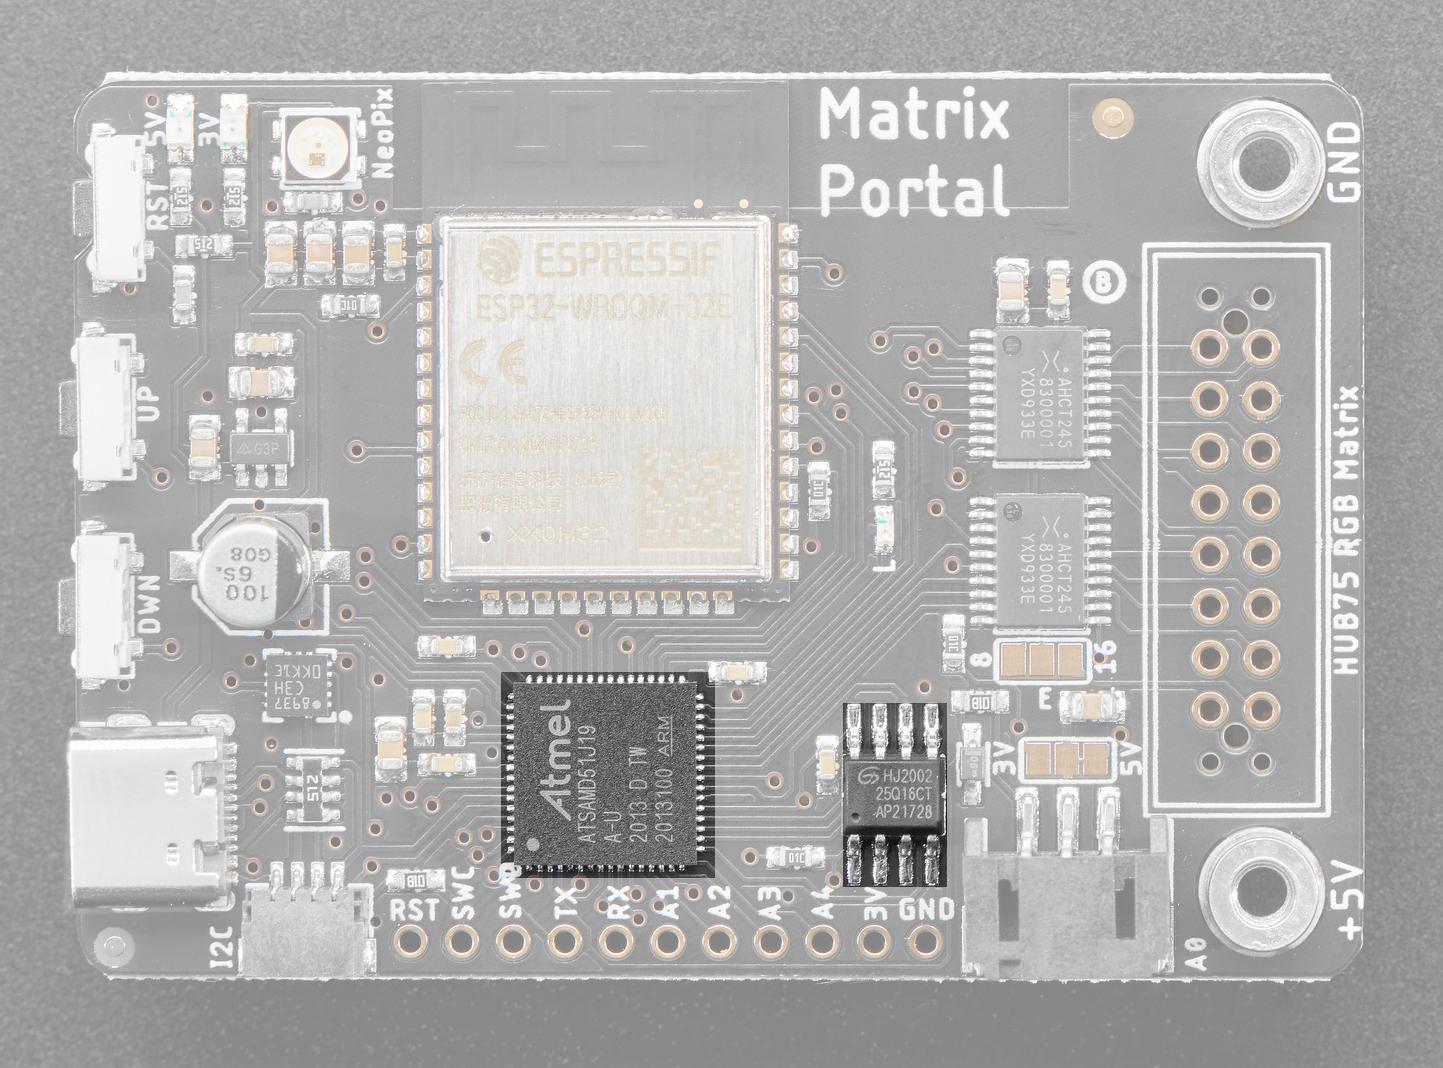 led_matrices_matrixportal_pinout_mc_flash.jpg